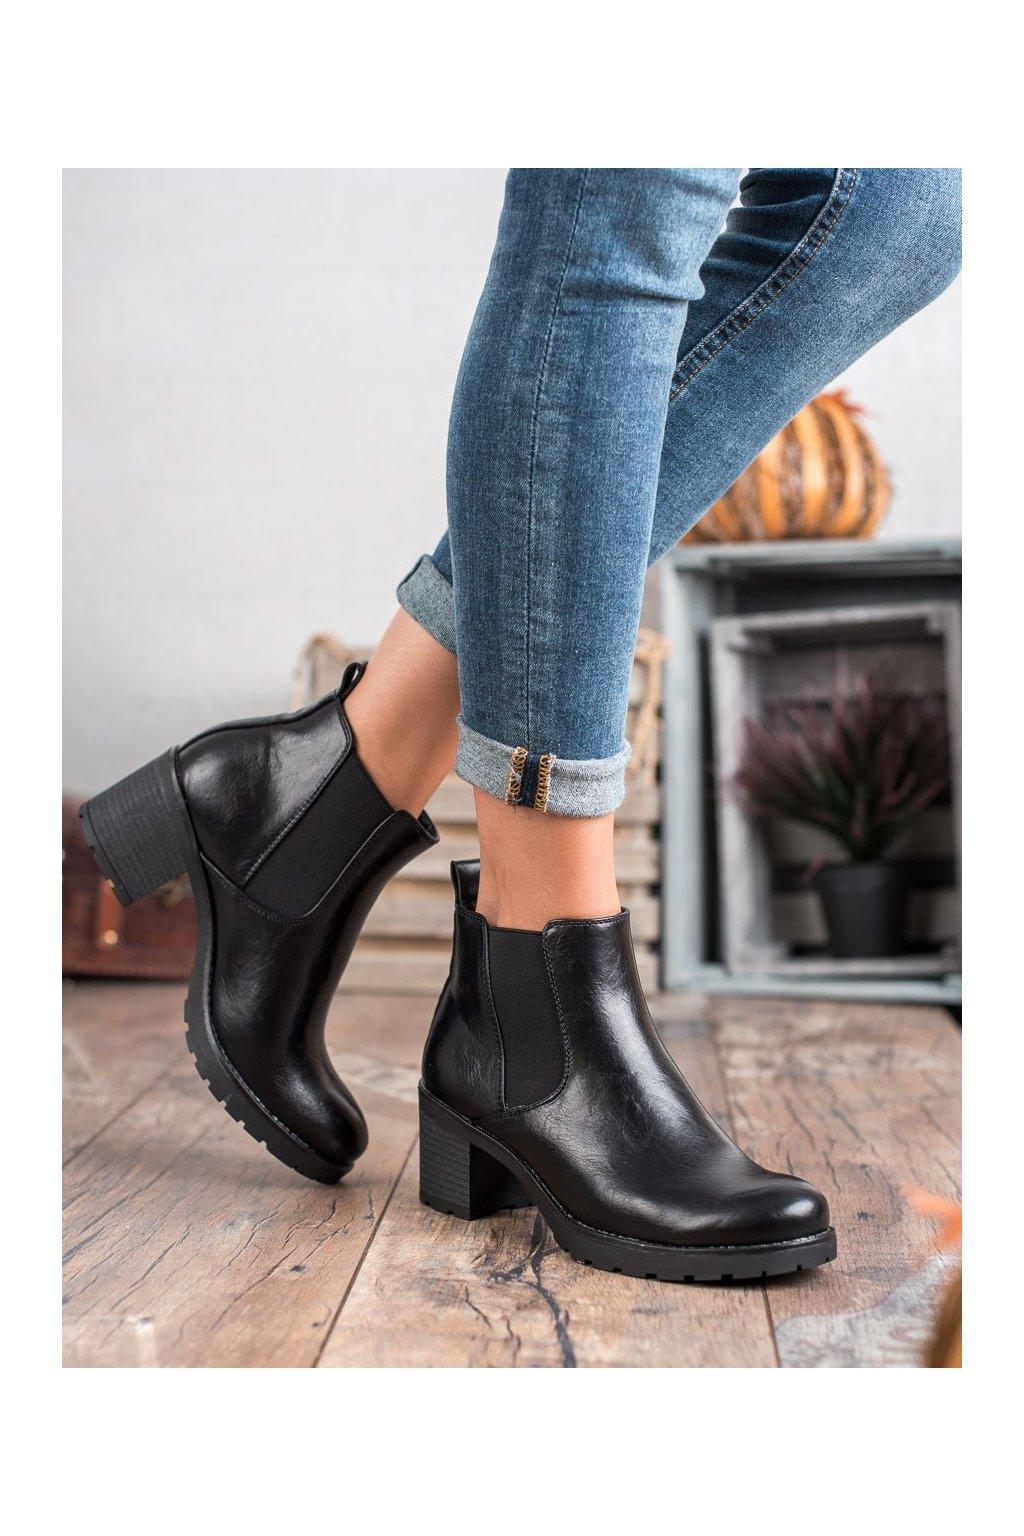 Čierne dámske topánky W. potocki kod XY20-10485B